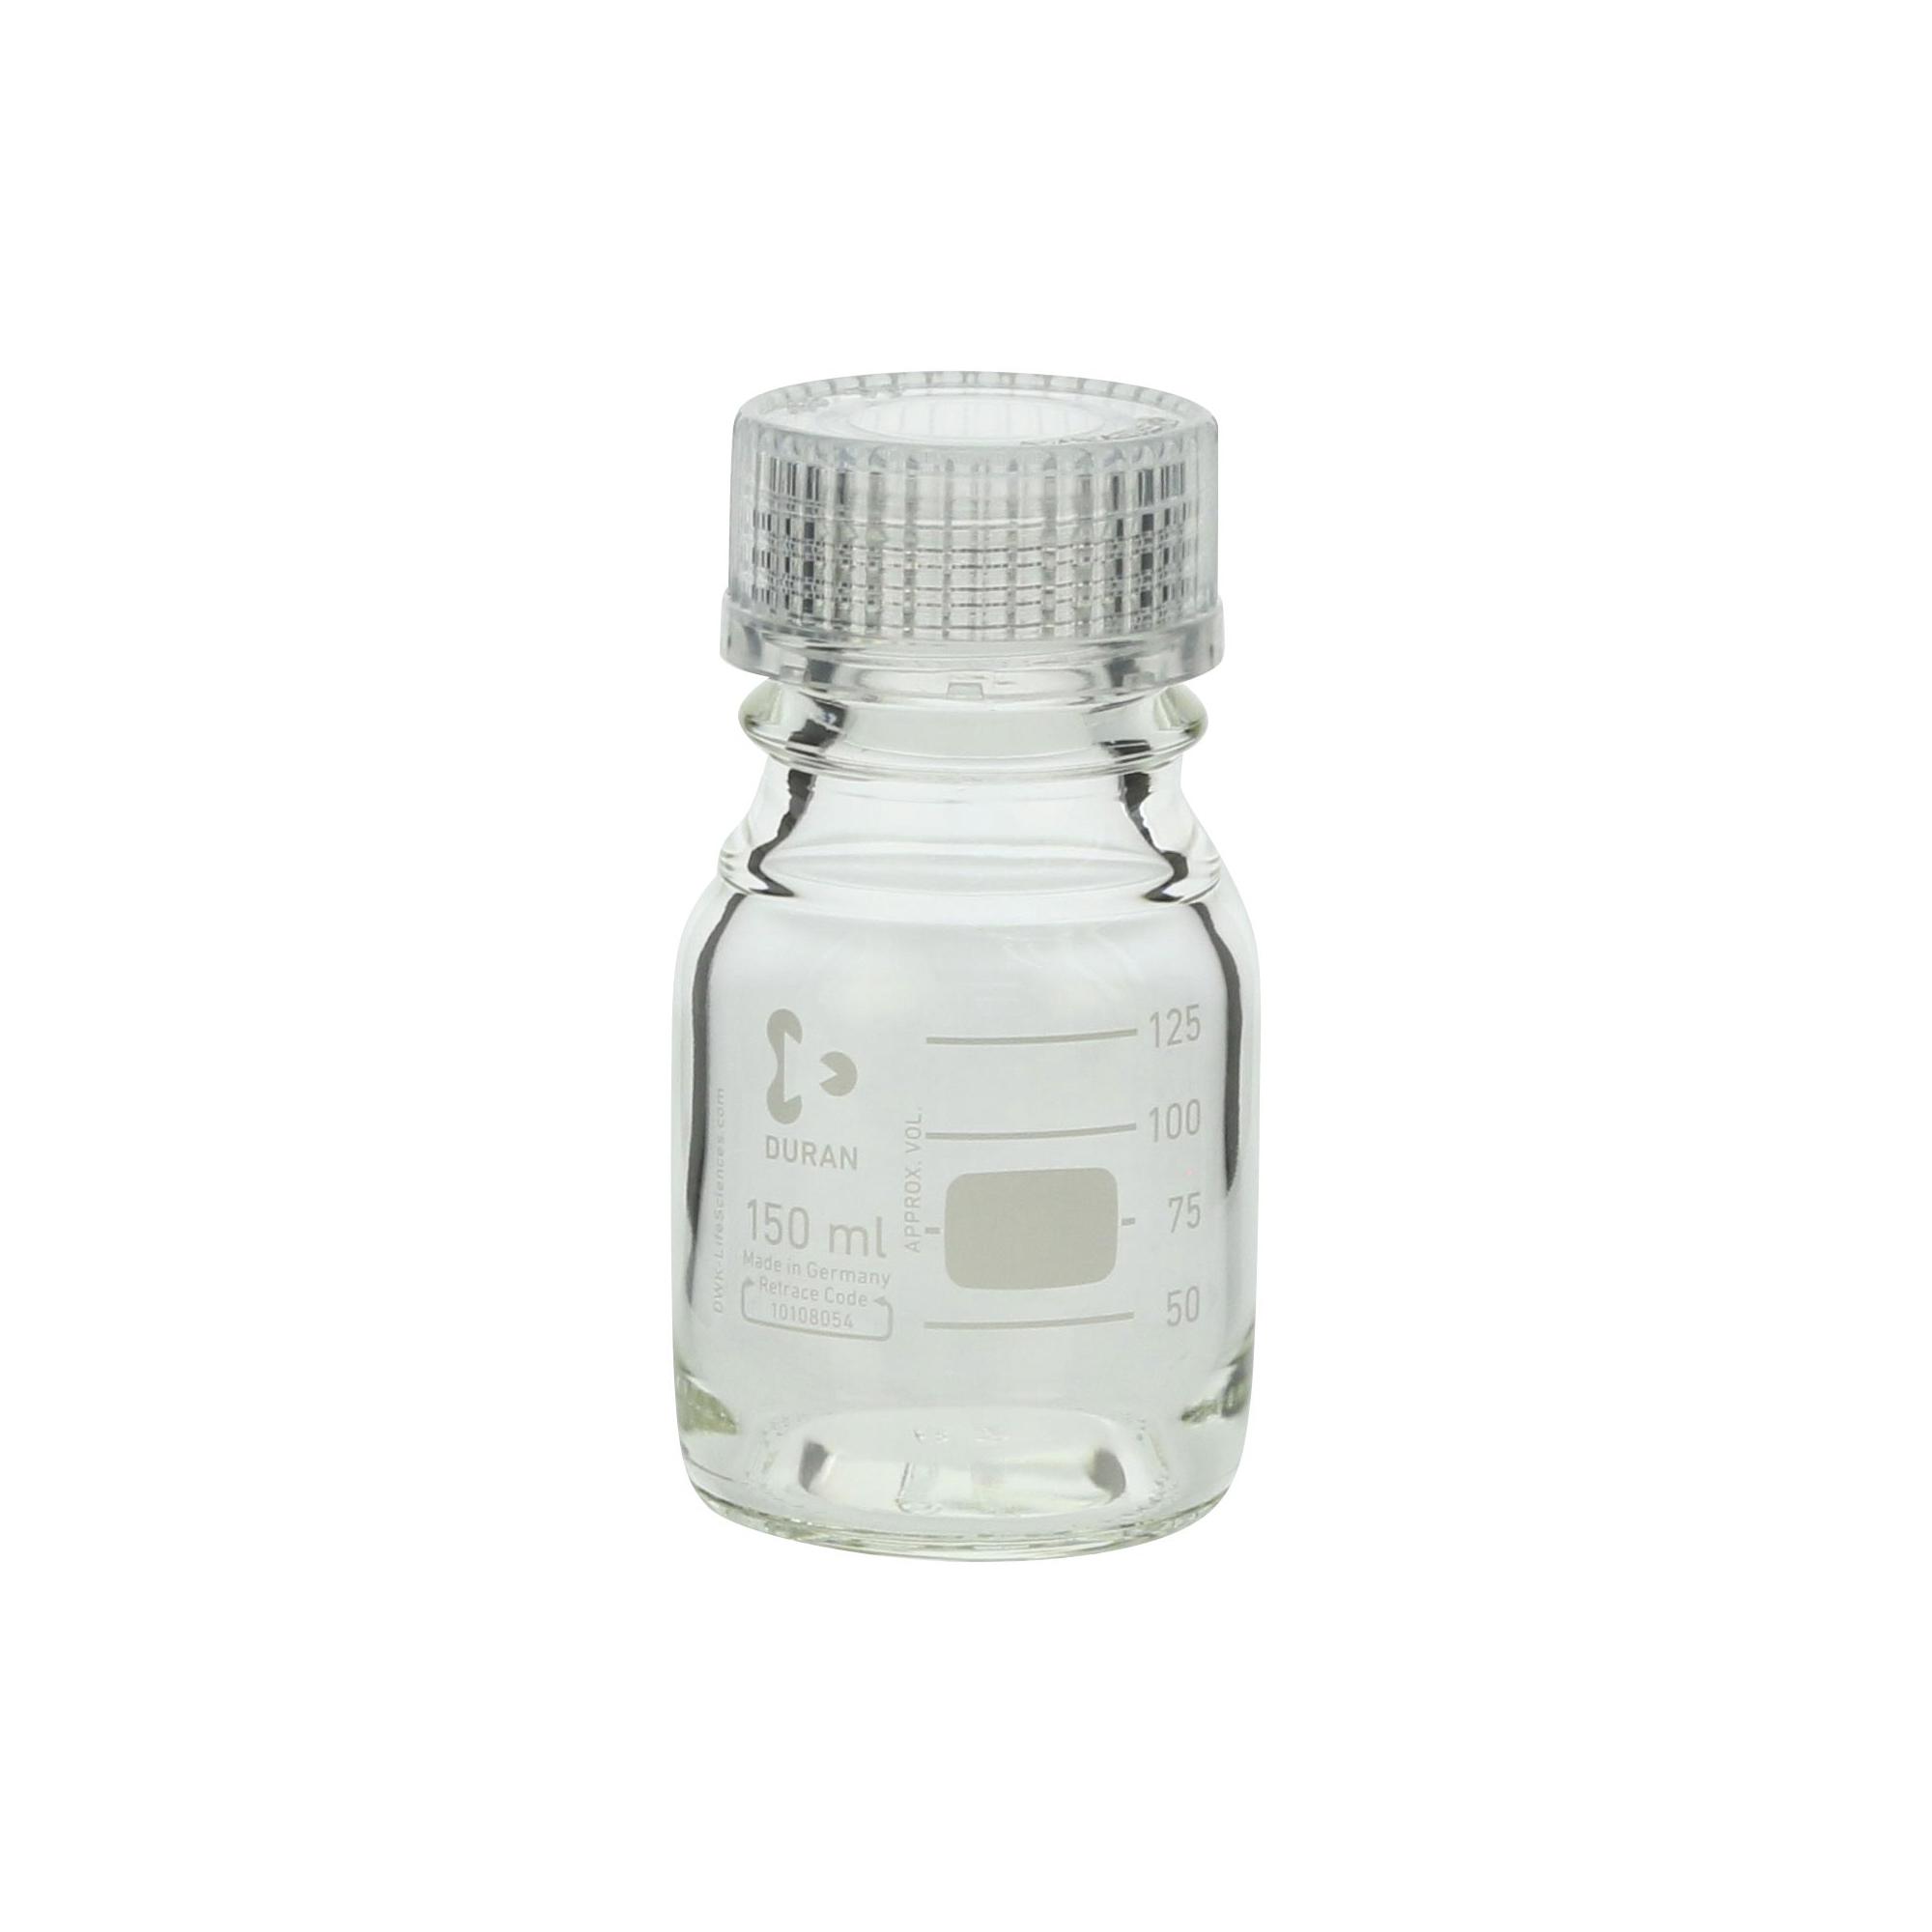 DURAN ねじ口びん 透明キャップ付 150mL GL-45(10個)